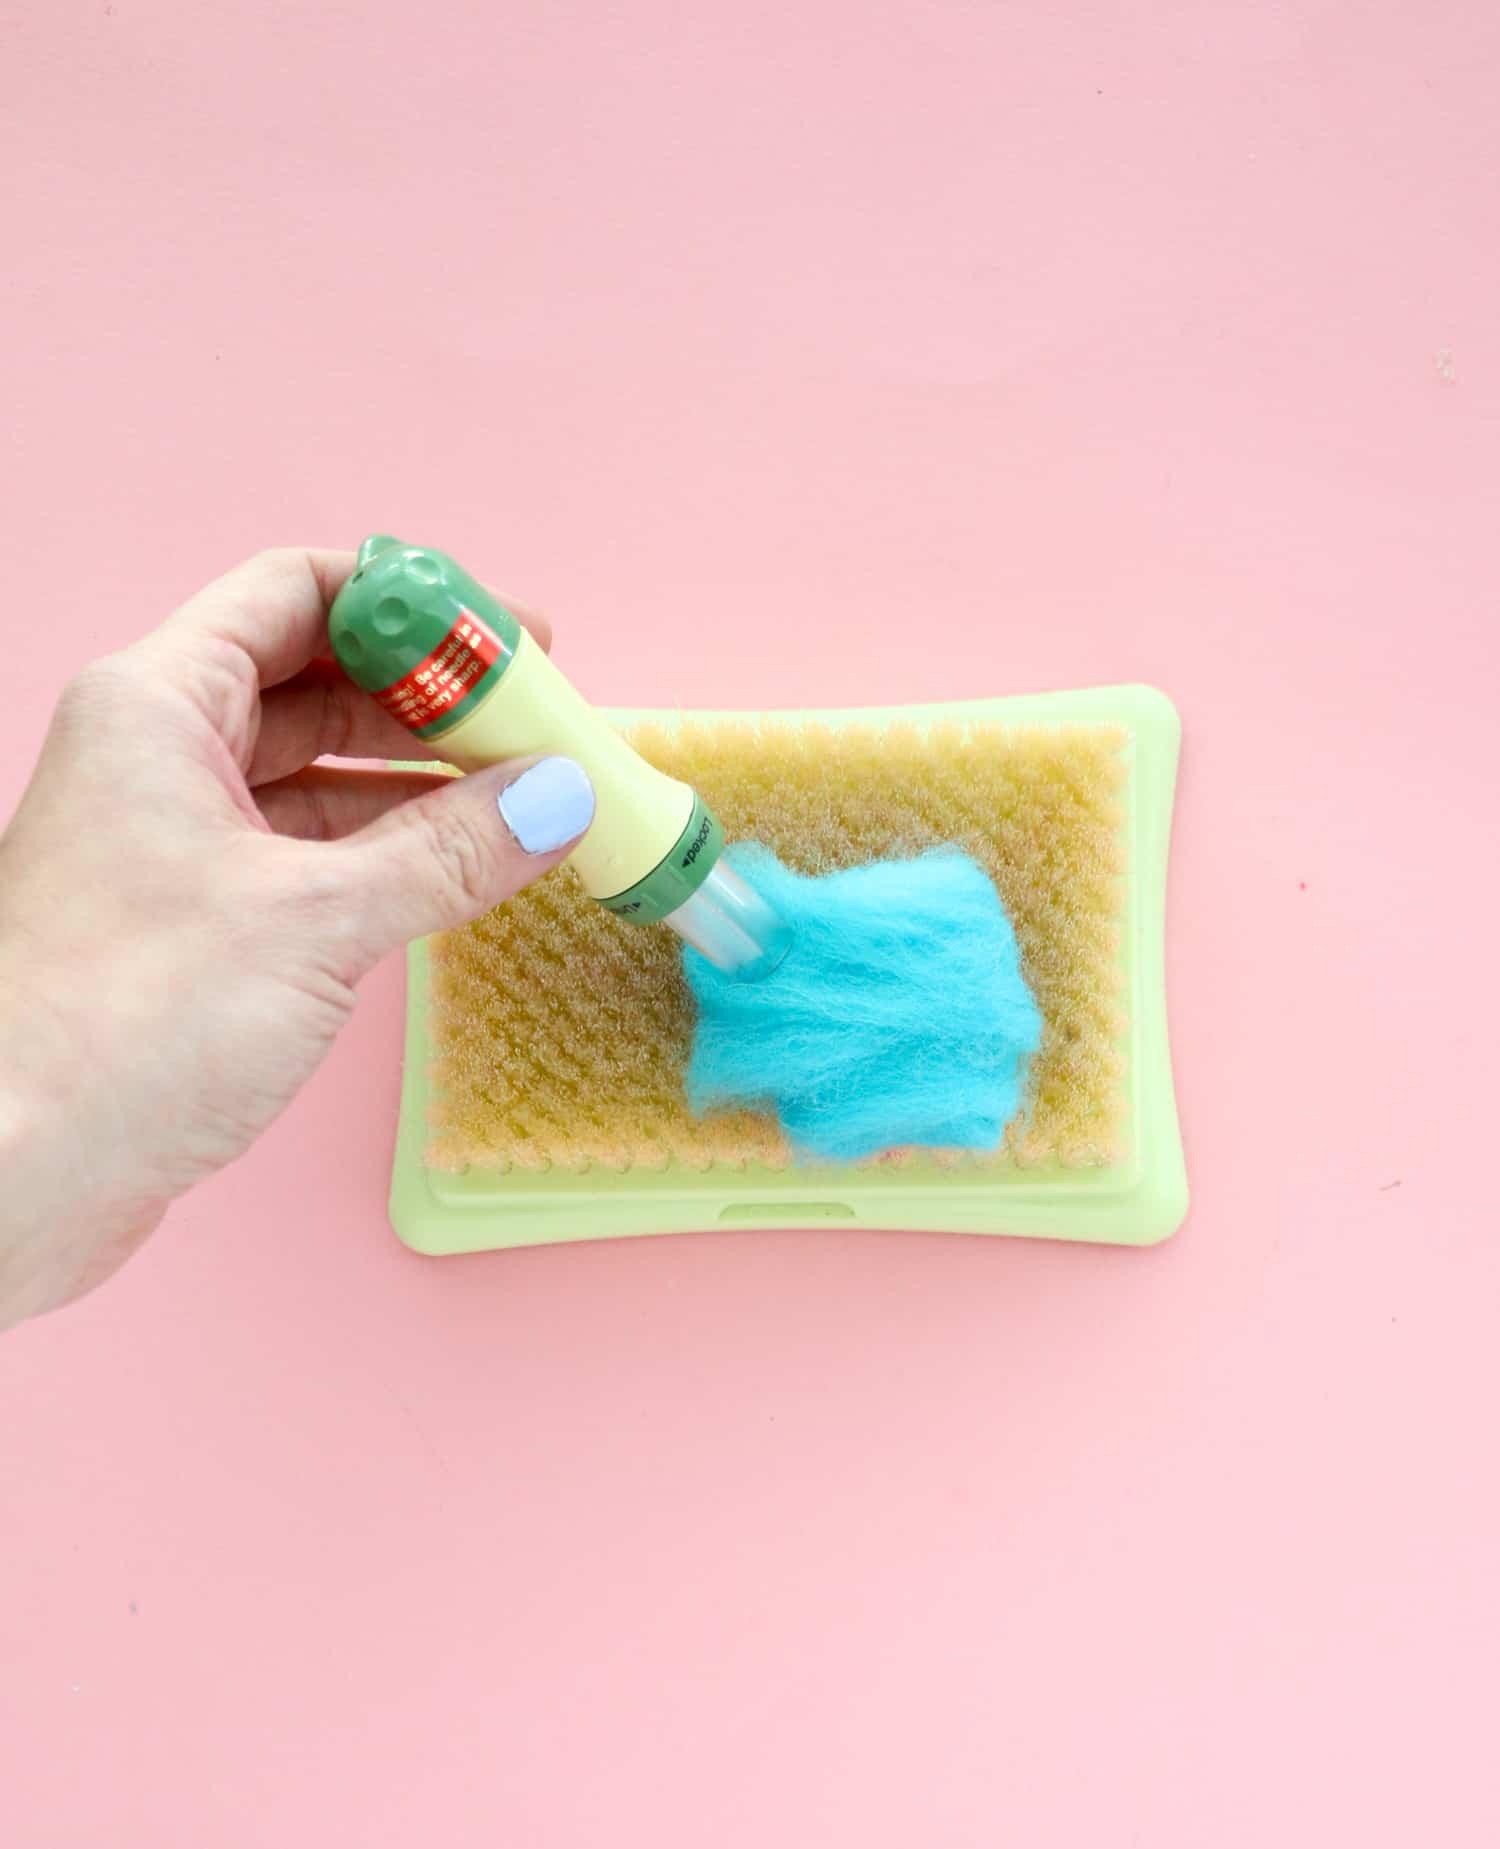 DIY gefilzte Macaron-Girlande